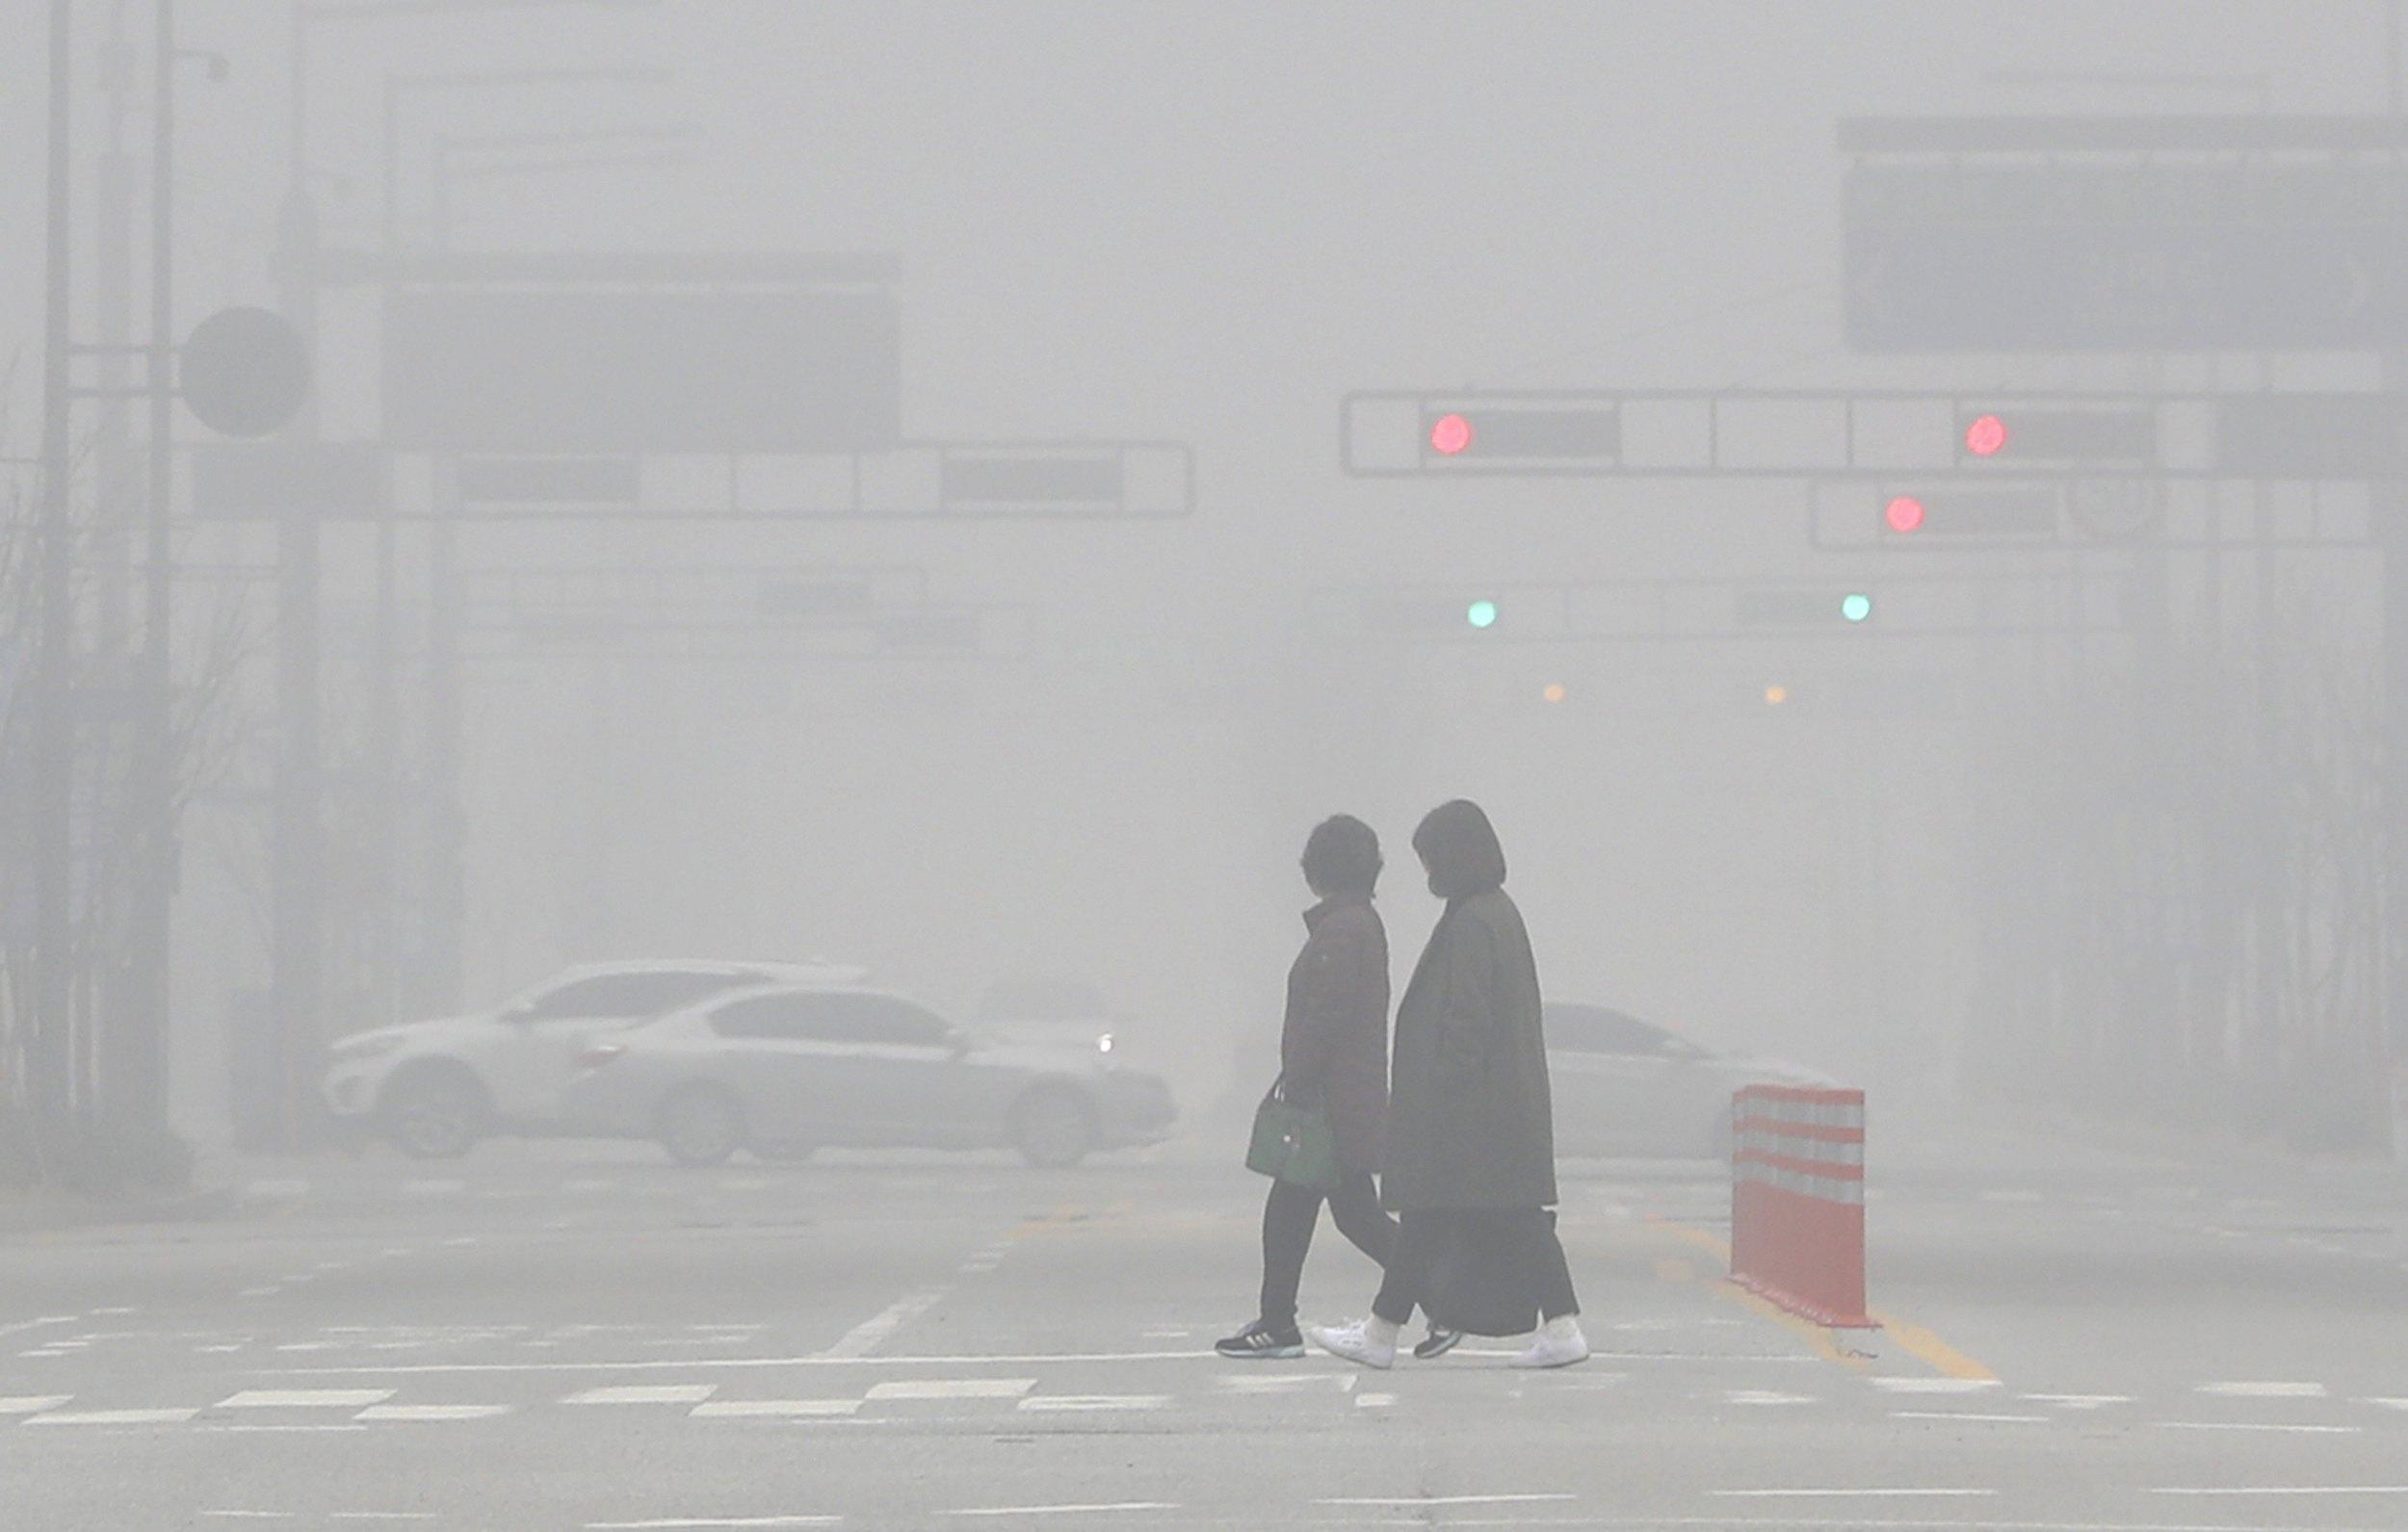 Persones caminen enmig de la boira de contaminació als carrers de Sejong. /YONHAP